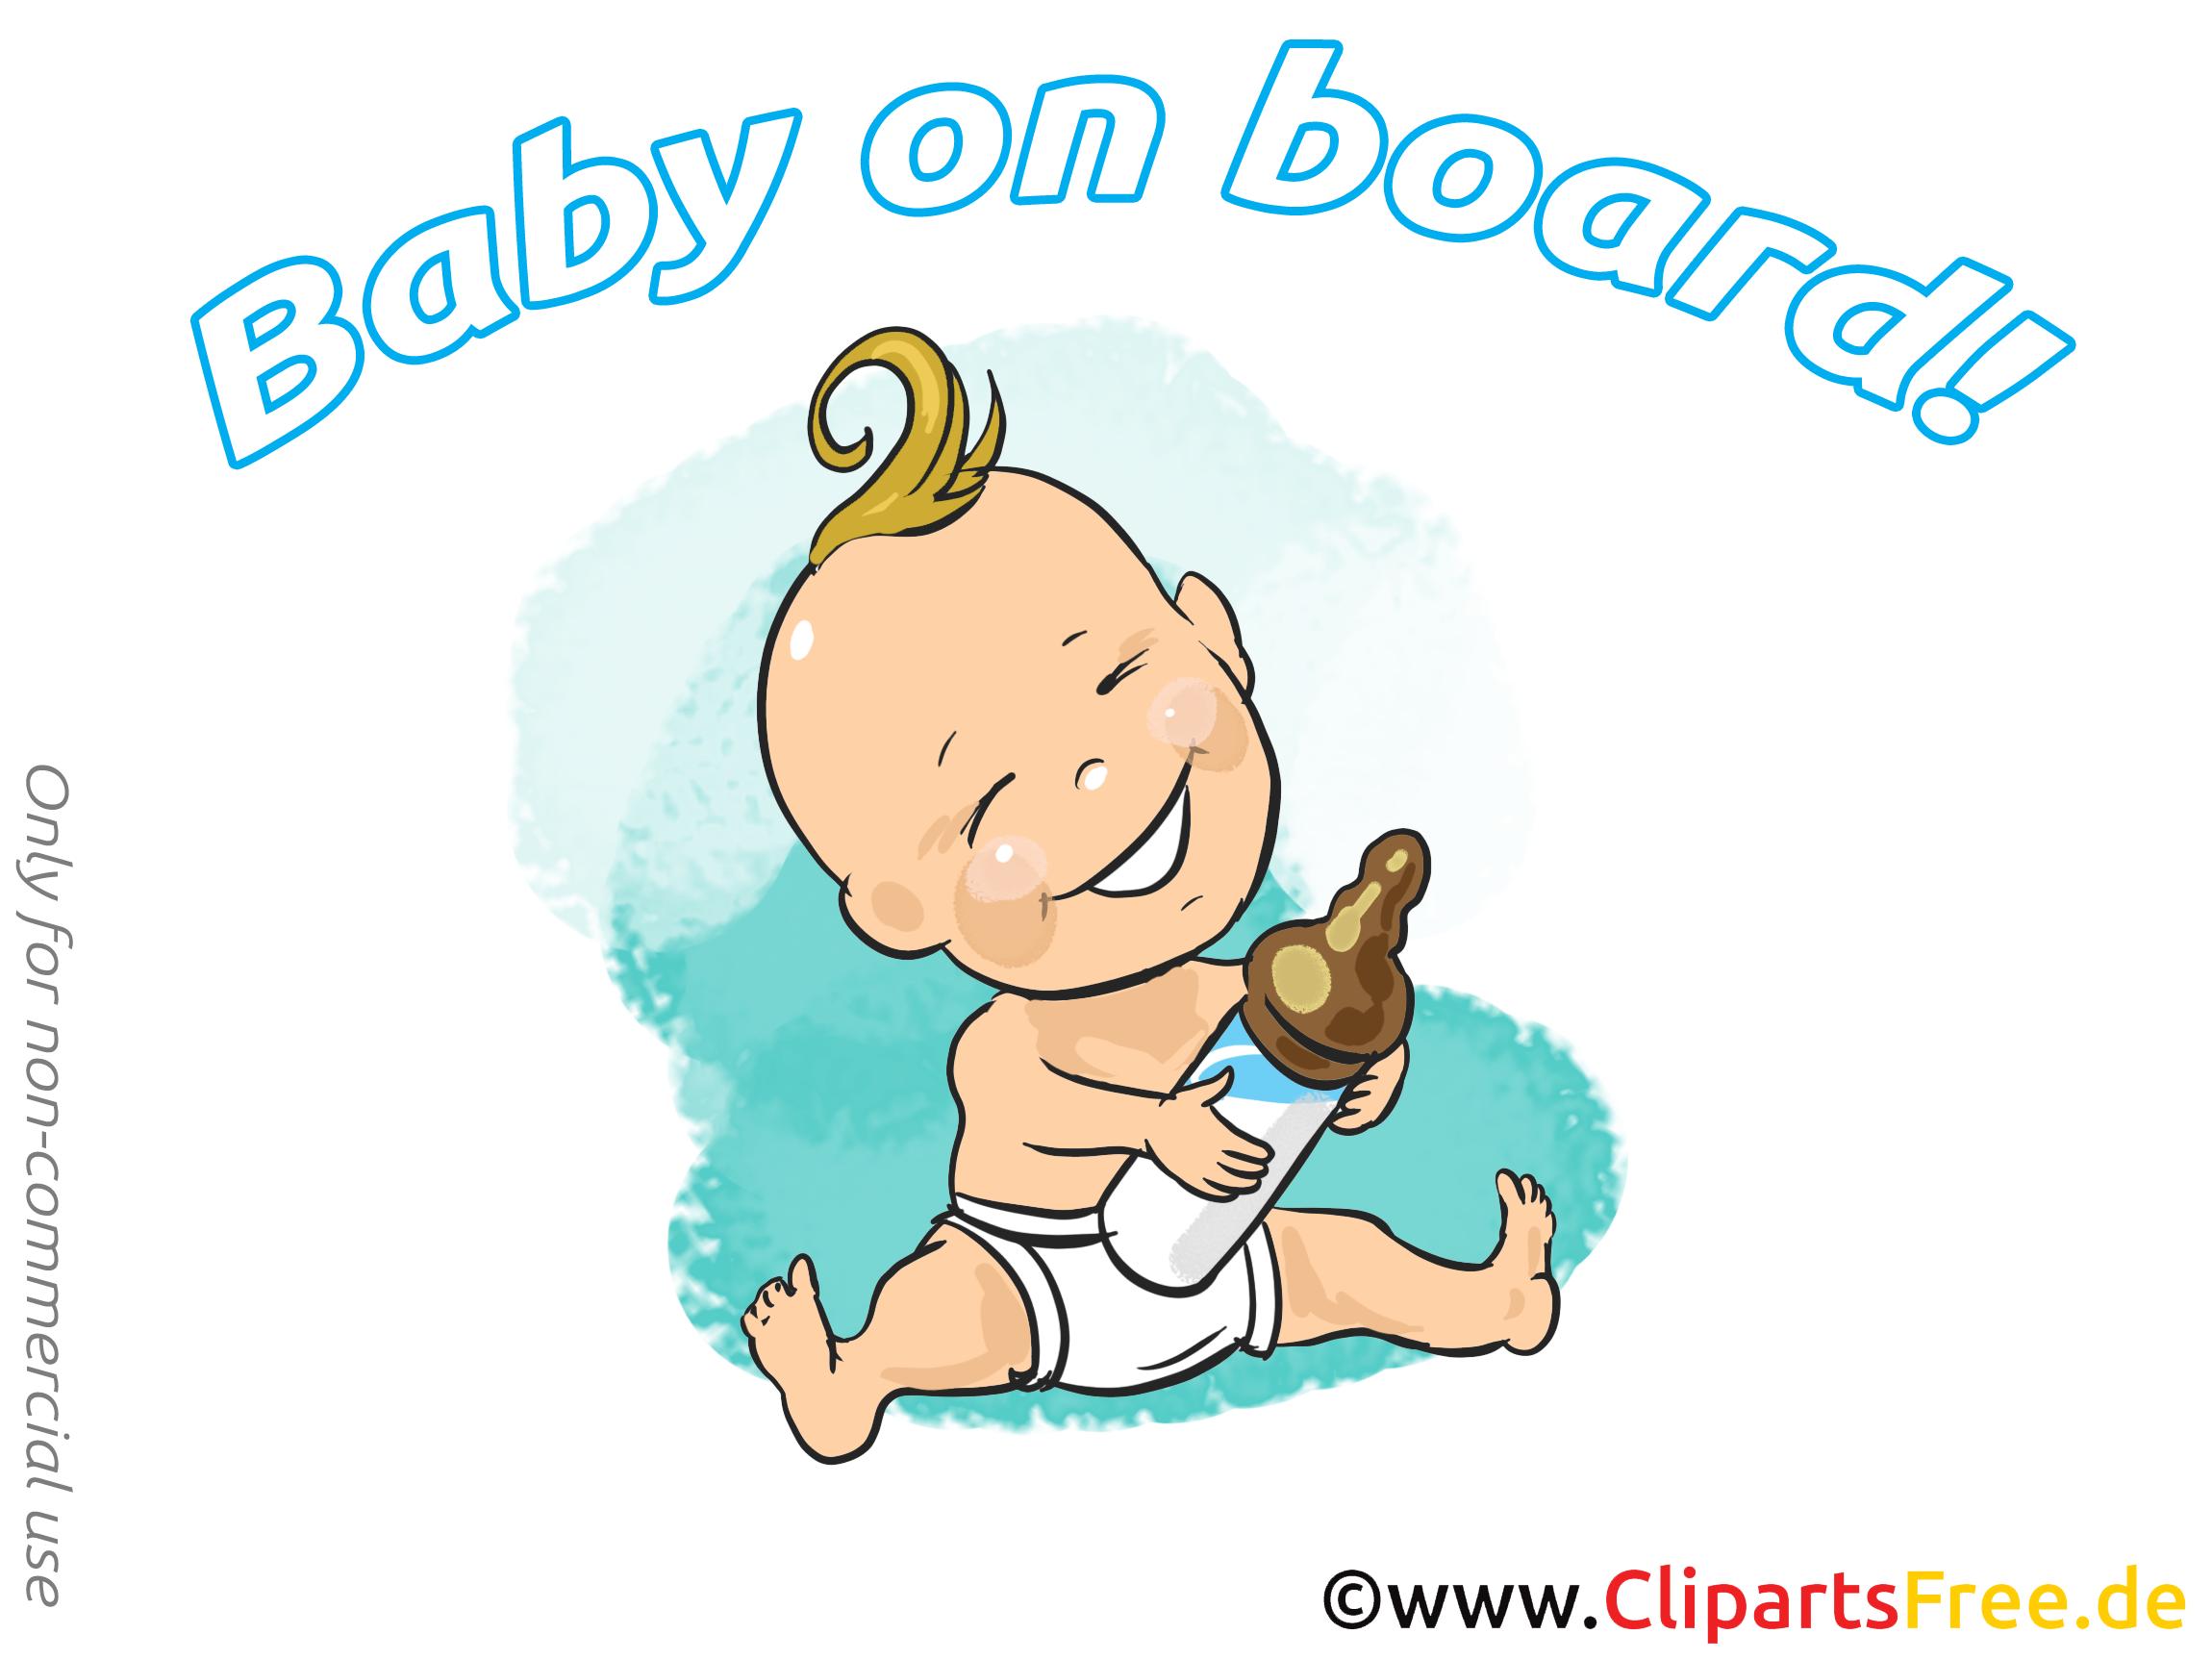 Biberon image gratuite – Bébé à bord cliparts